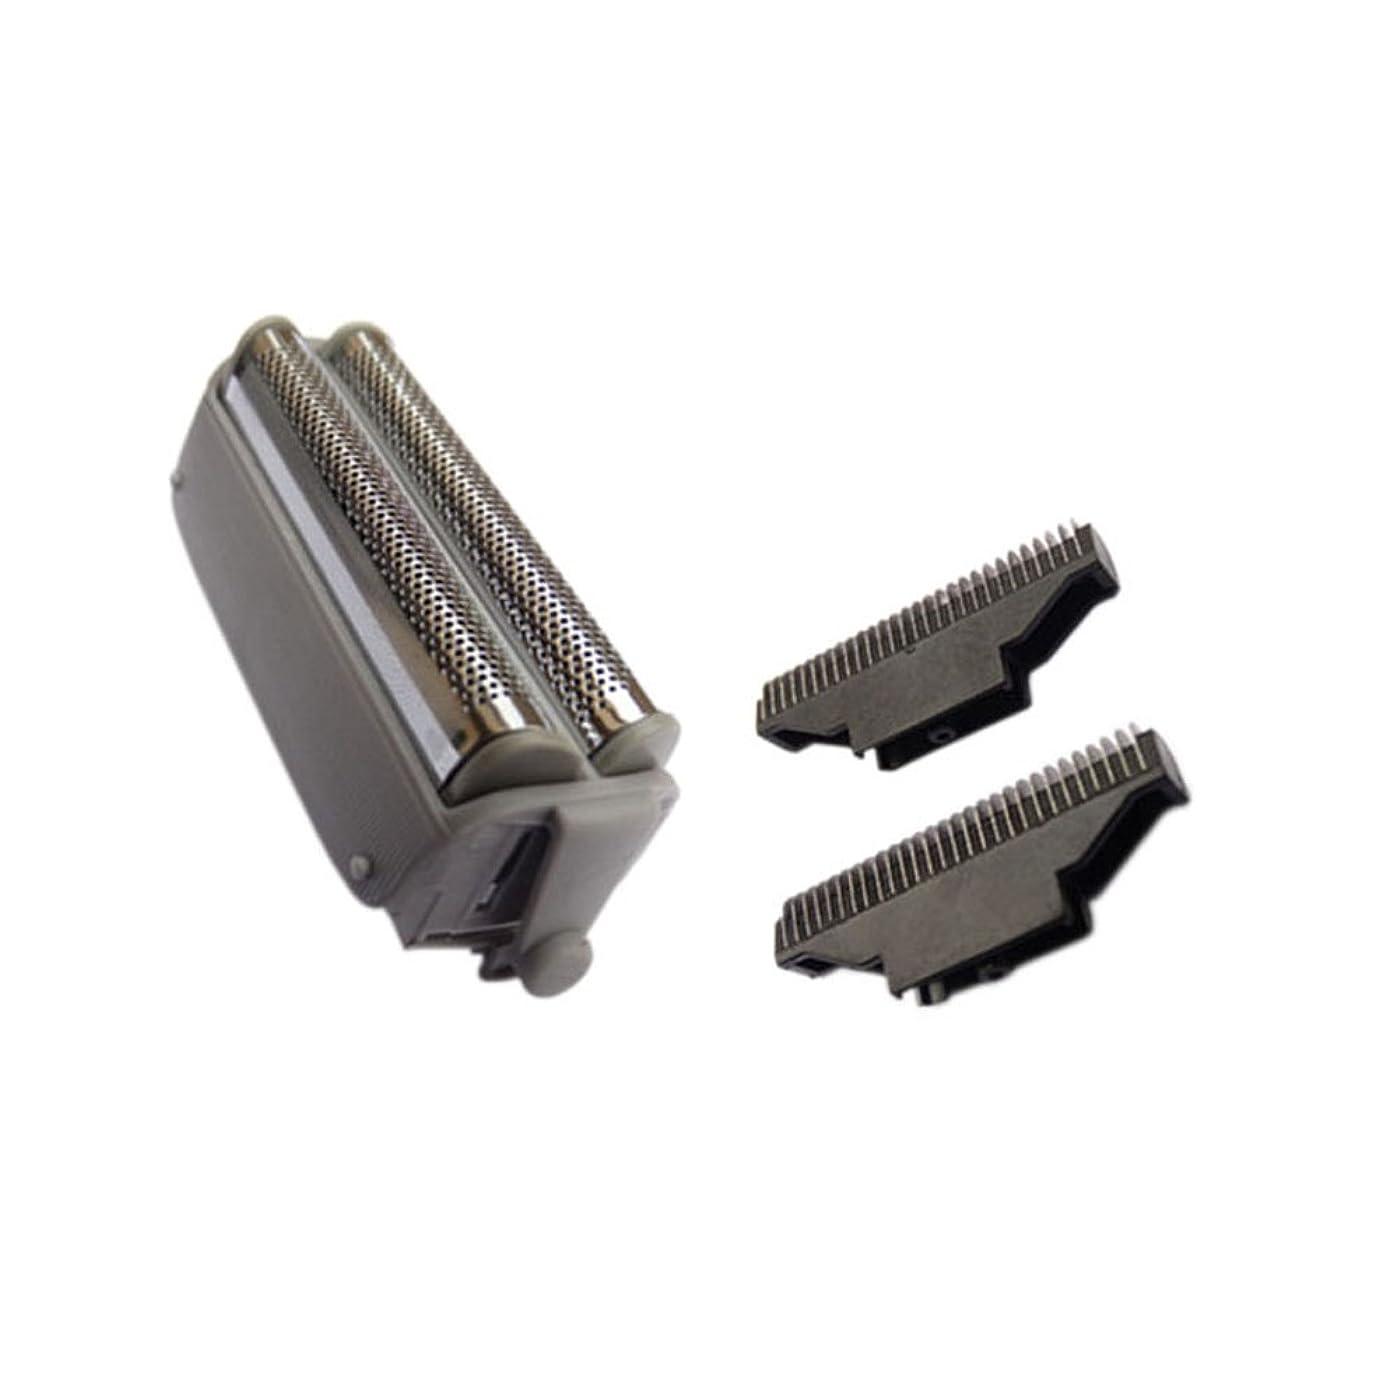 入学する成熟学んだHZjundasi Replacement Inner ブレード コンボ+Outer ホイル for Panasonic RW30 ES9859/952